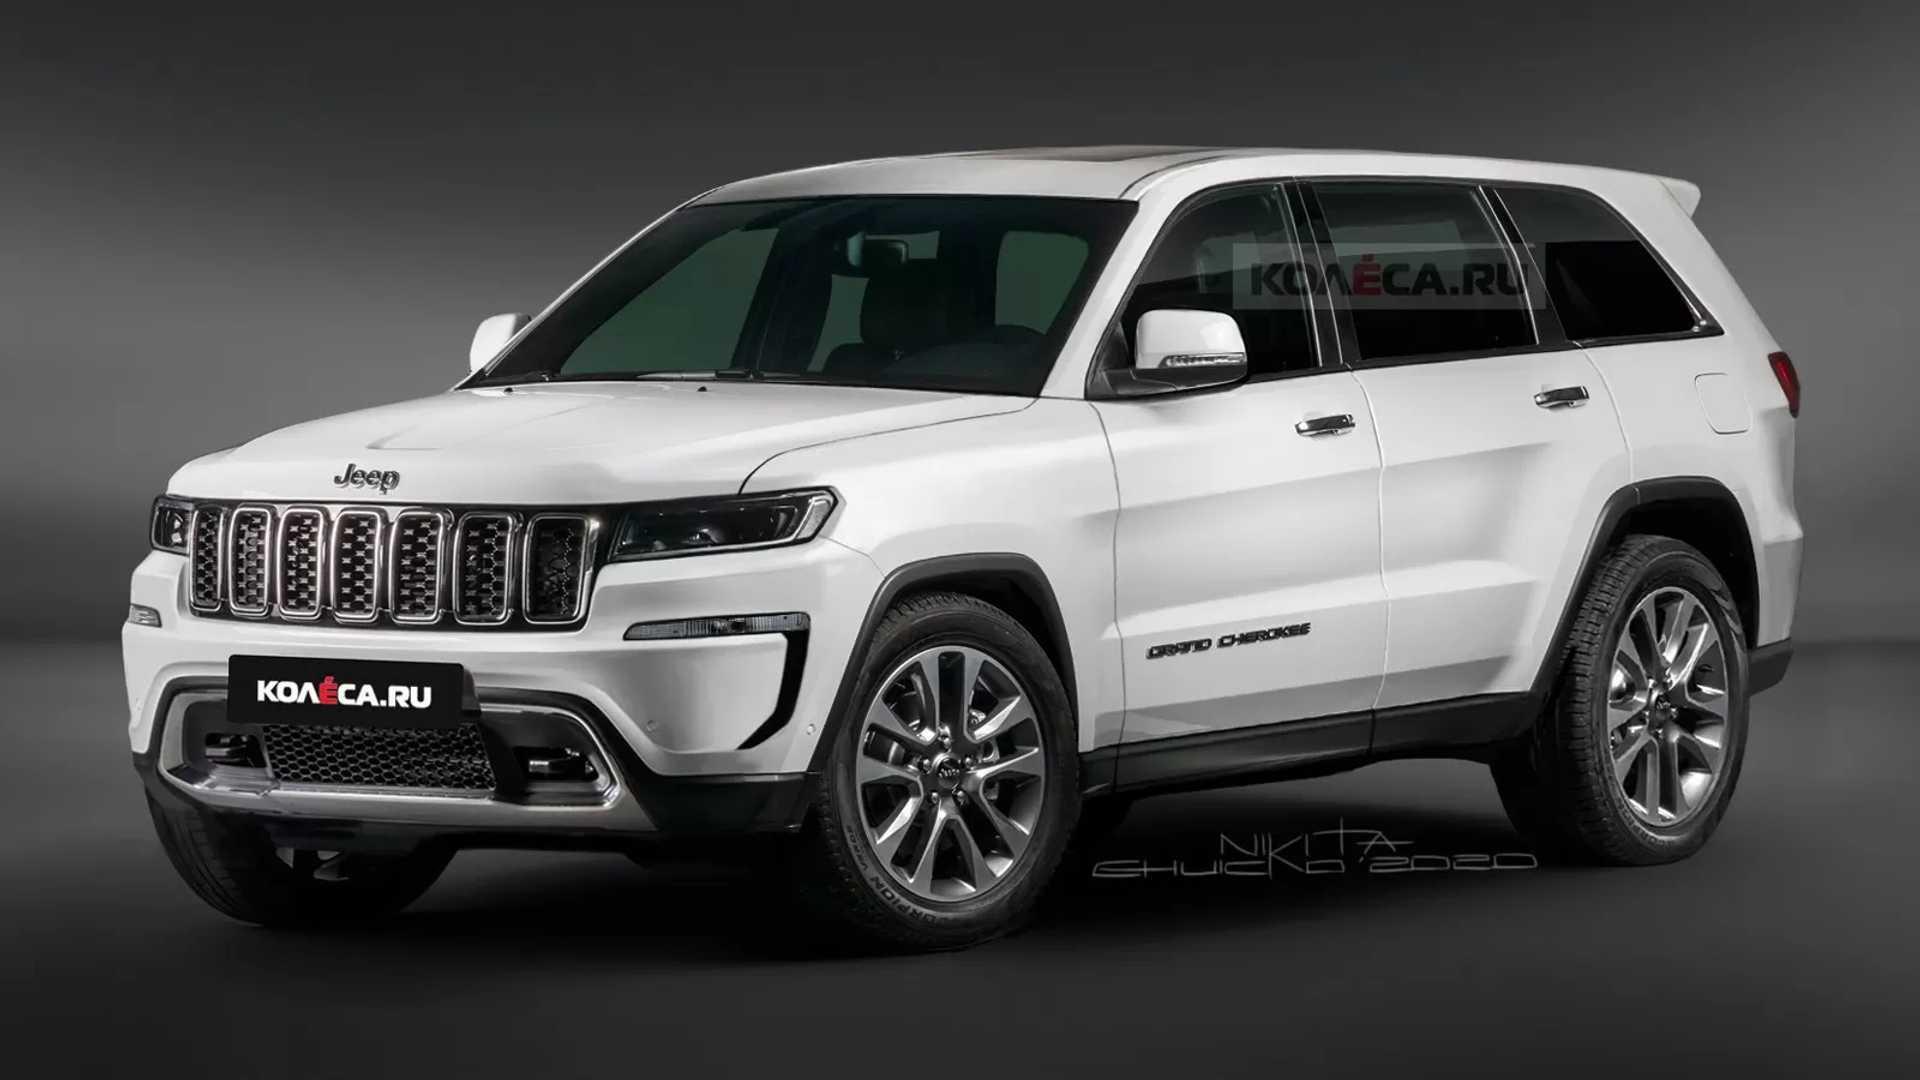 2021款jeep大切诺基全新渲染图曝光 前后灯组经过重新设计车型